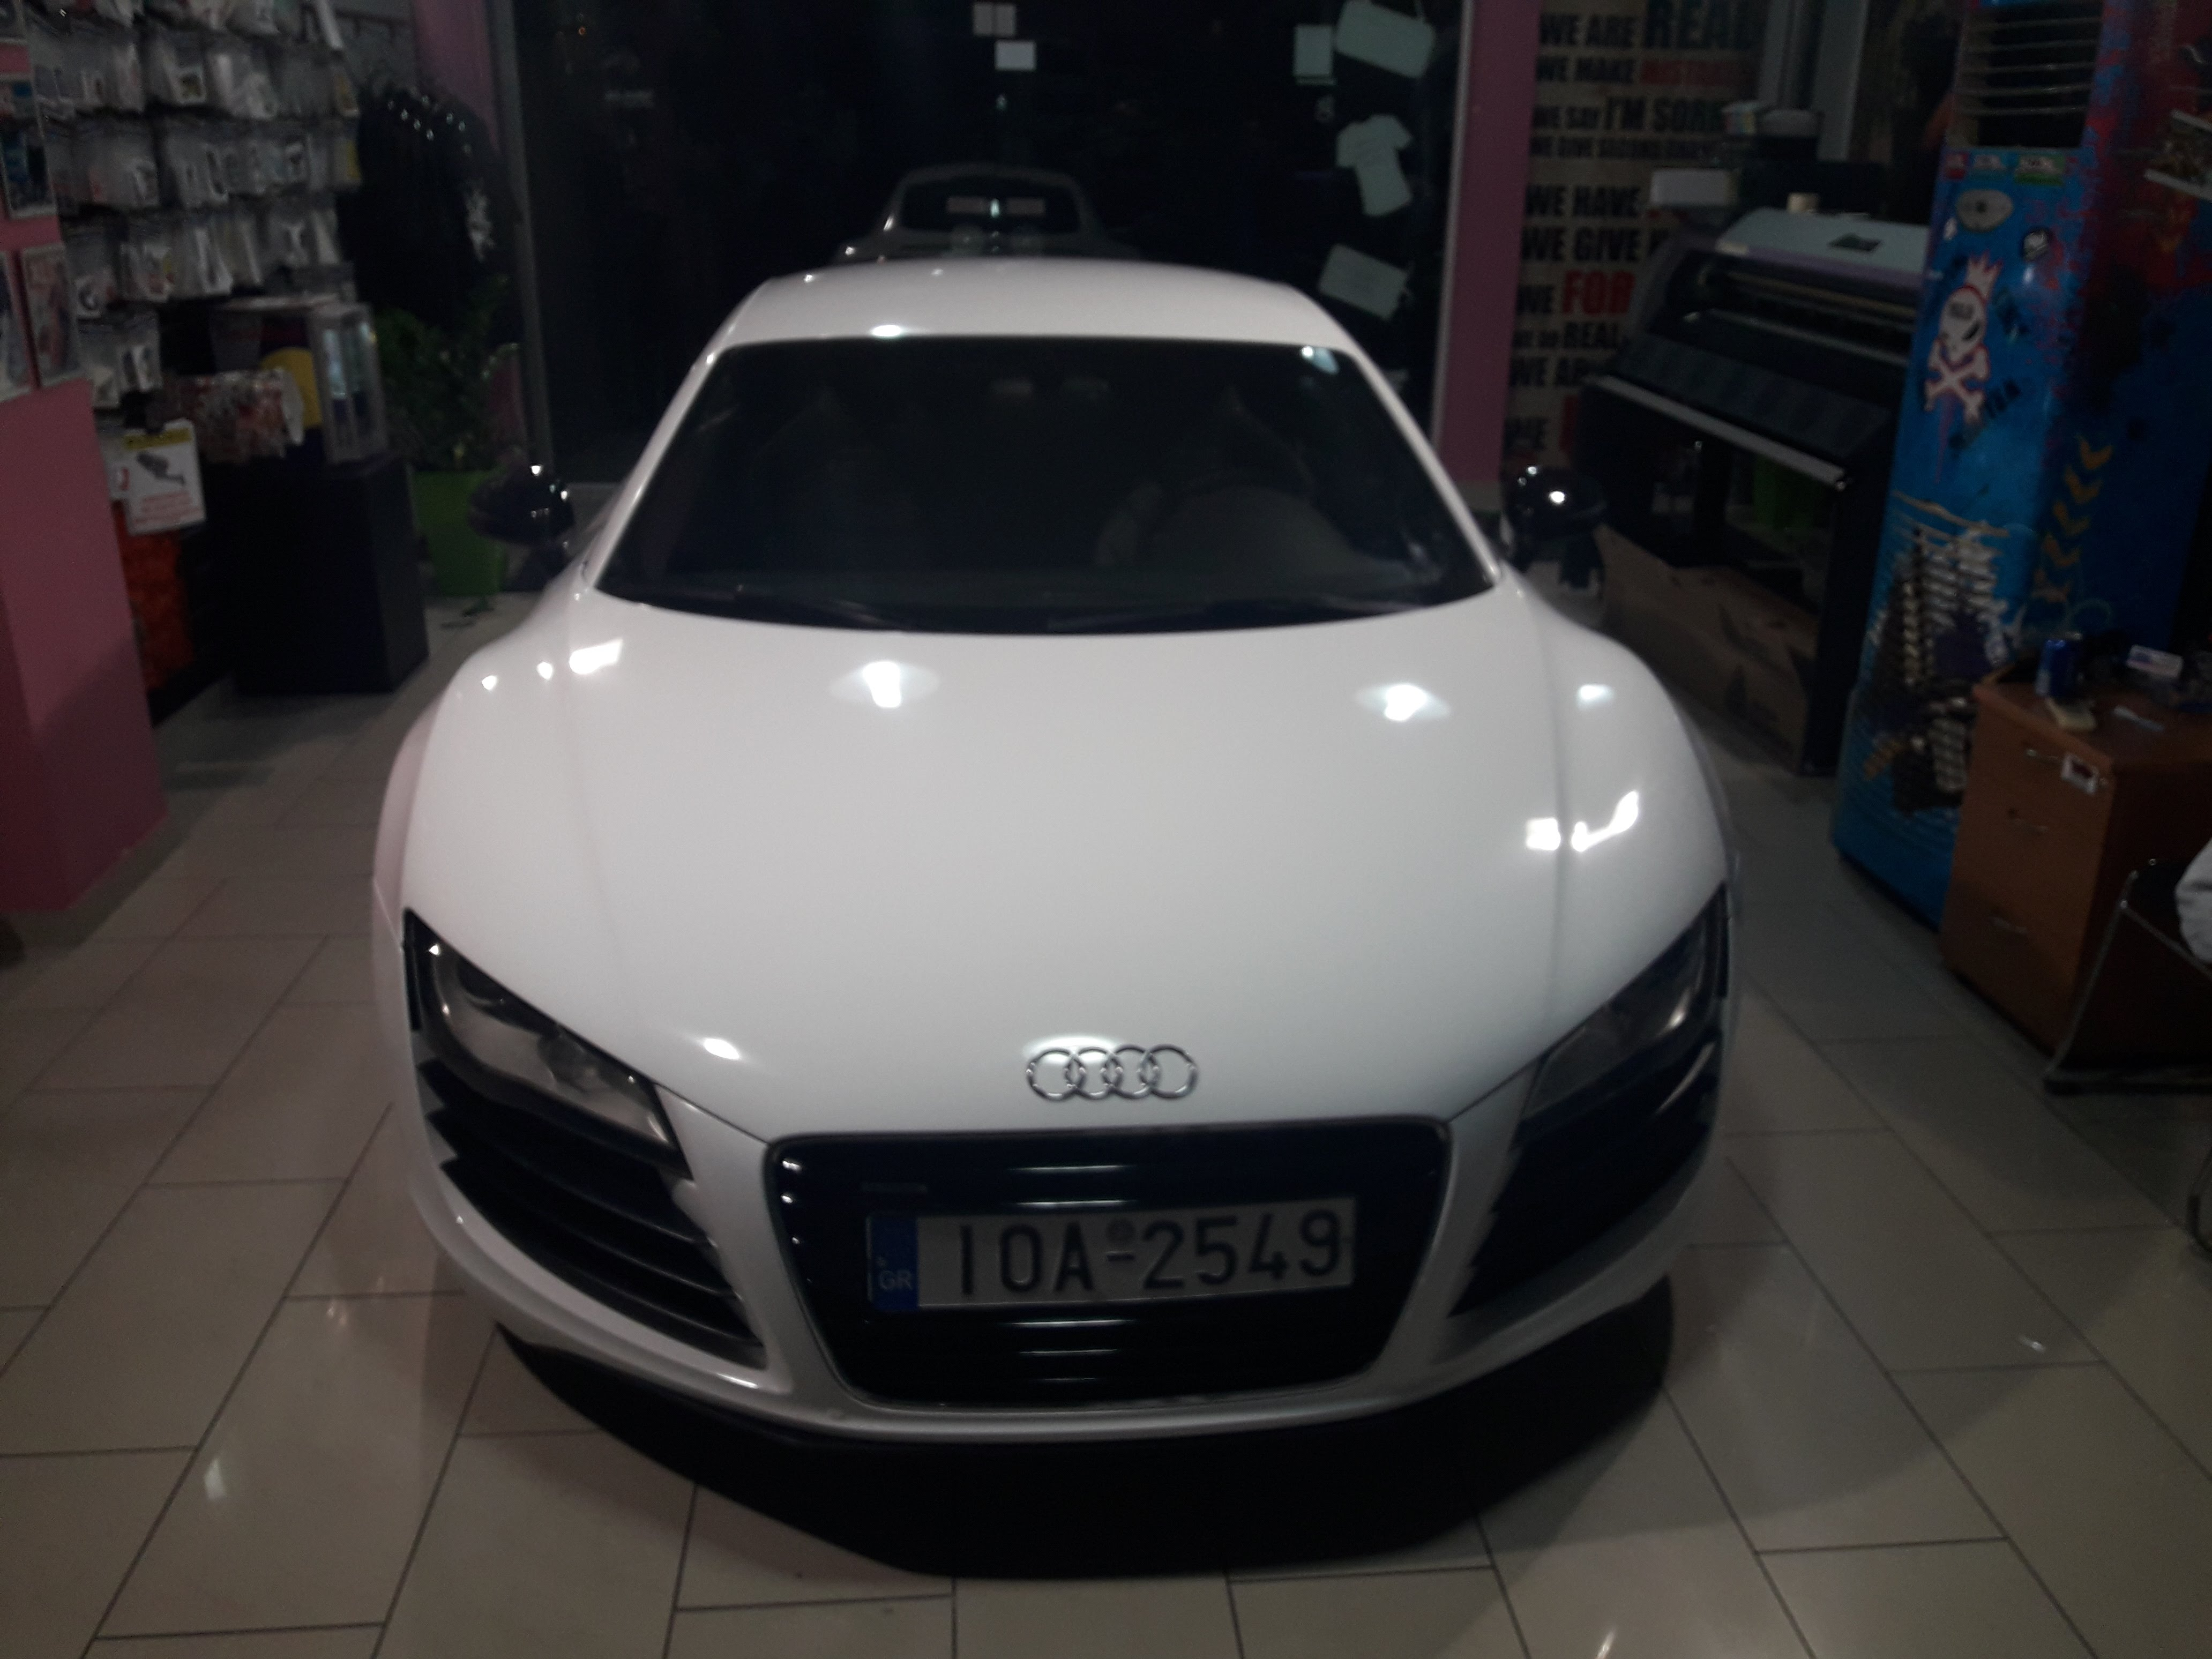 Audi R8 White Gloss